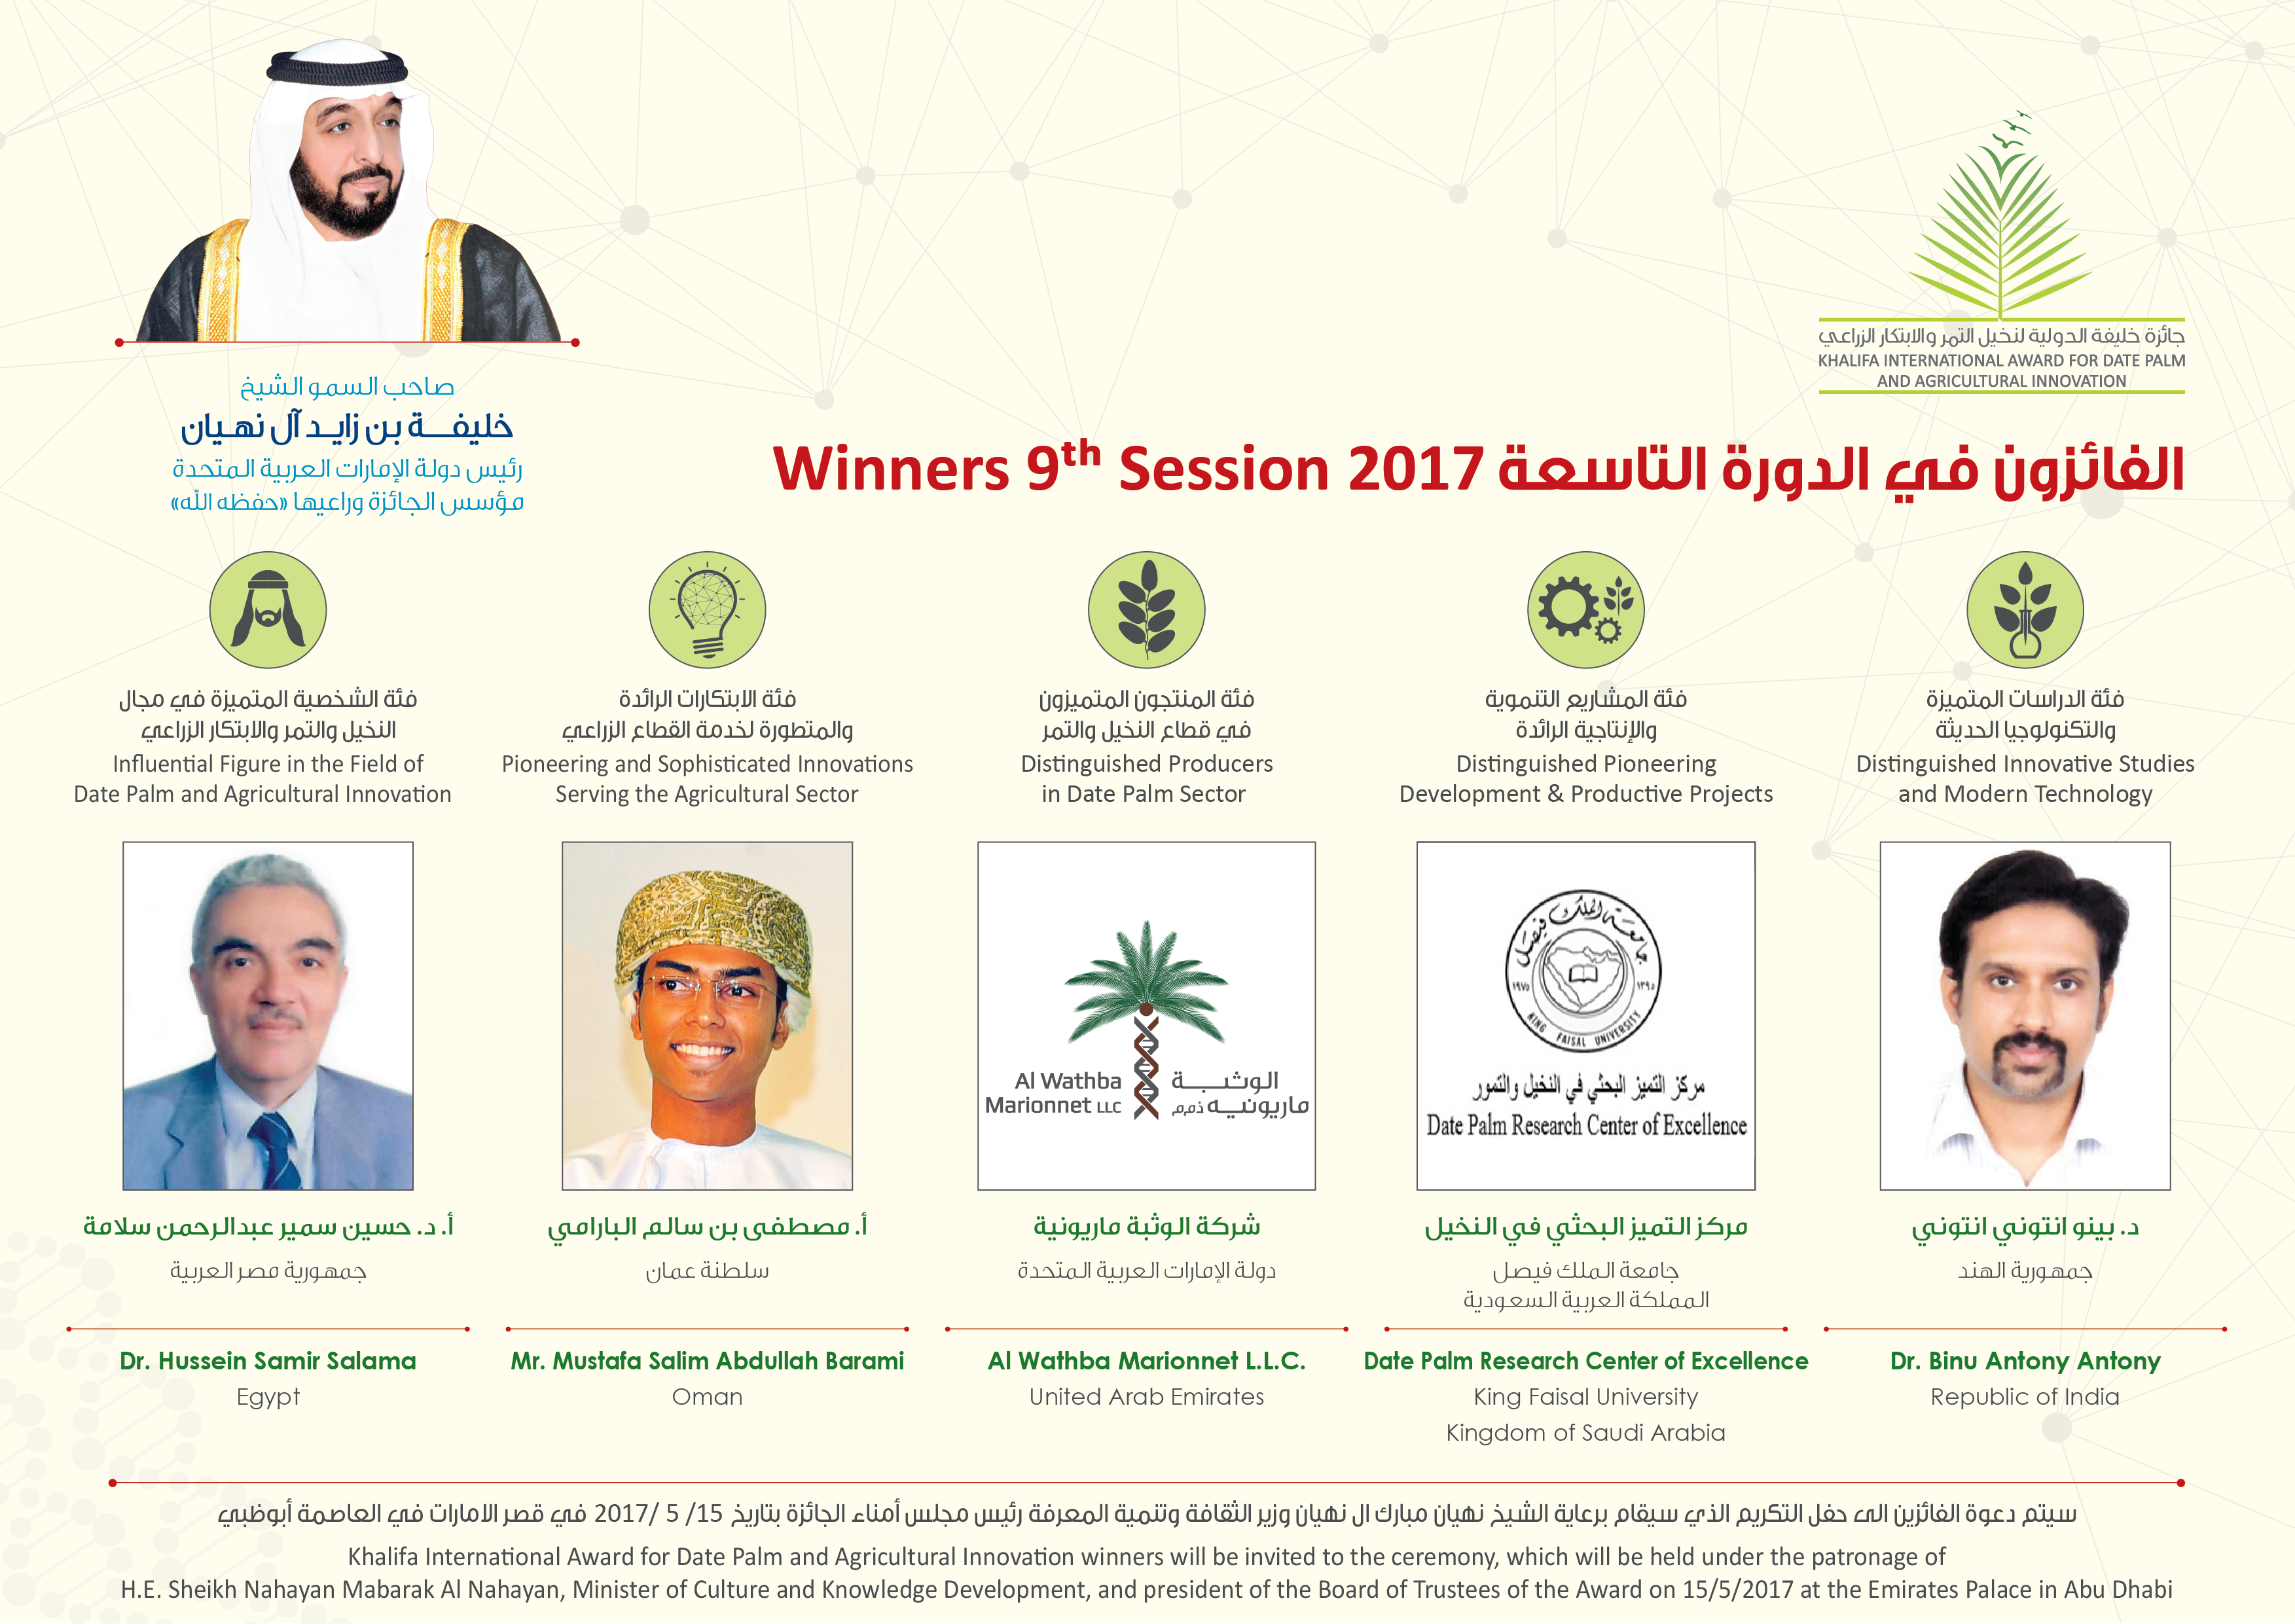 88- الدكتور/بينو من كلية علوم الأغذية والزراعة يحصل على جائزة خليفة الدولية لنخيل التمر والابتكار الزراعي.